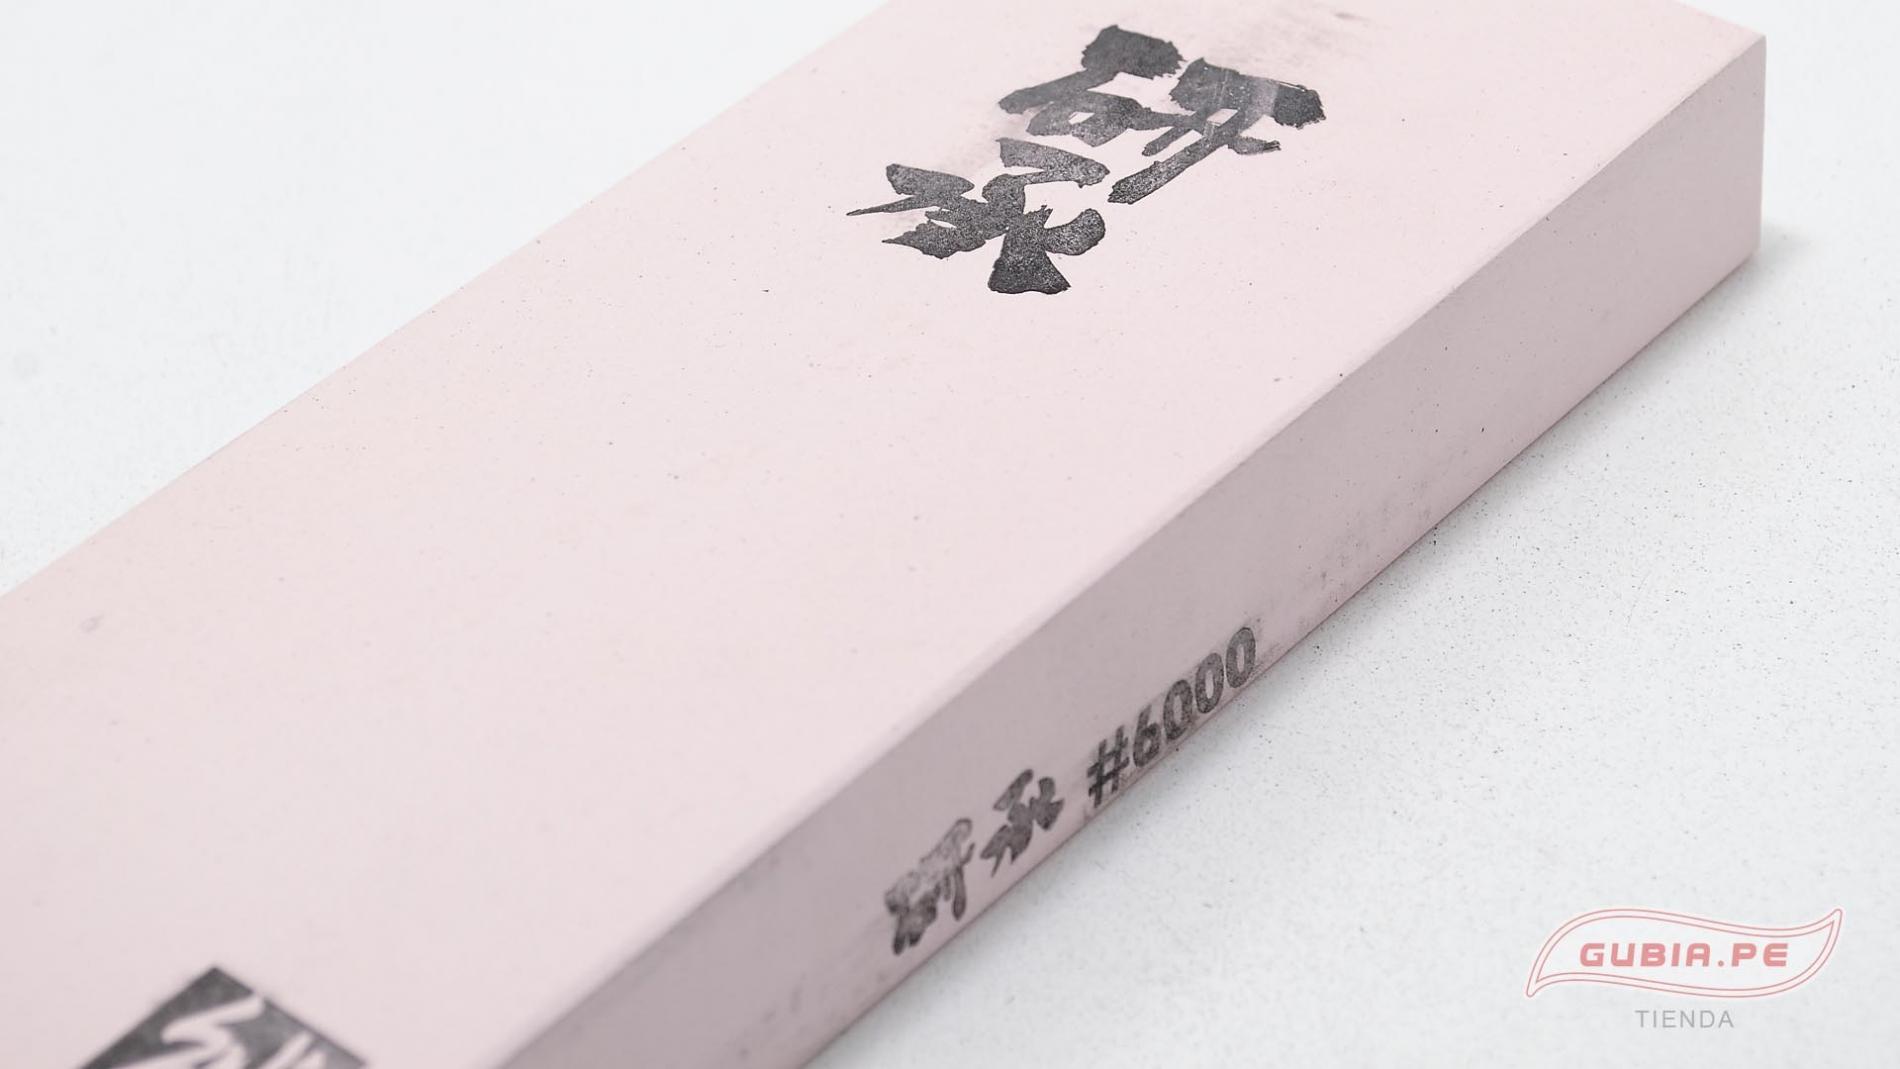 KSK6000-Piedra de asentar 6000 pulir filo de cuchillos Ken Syou Kei-max-4.